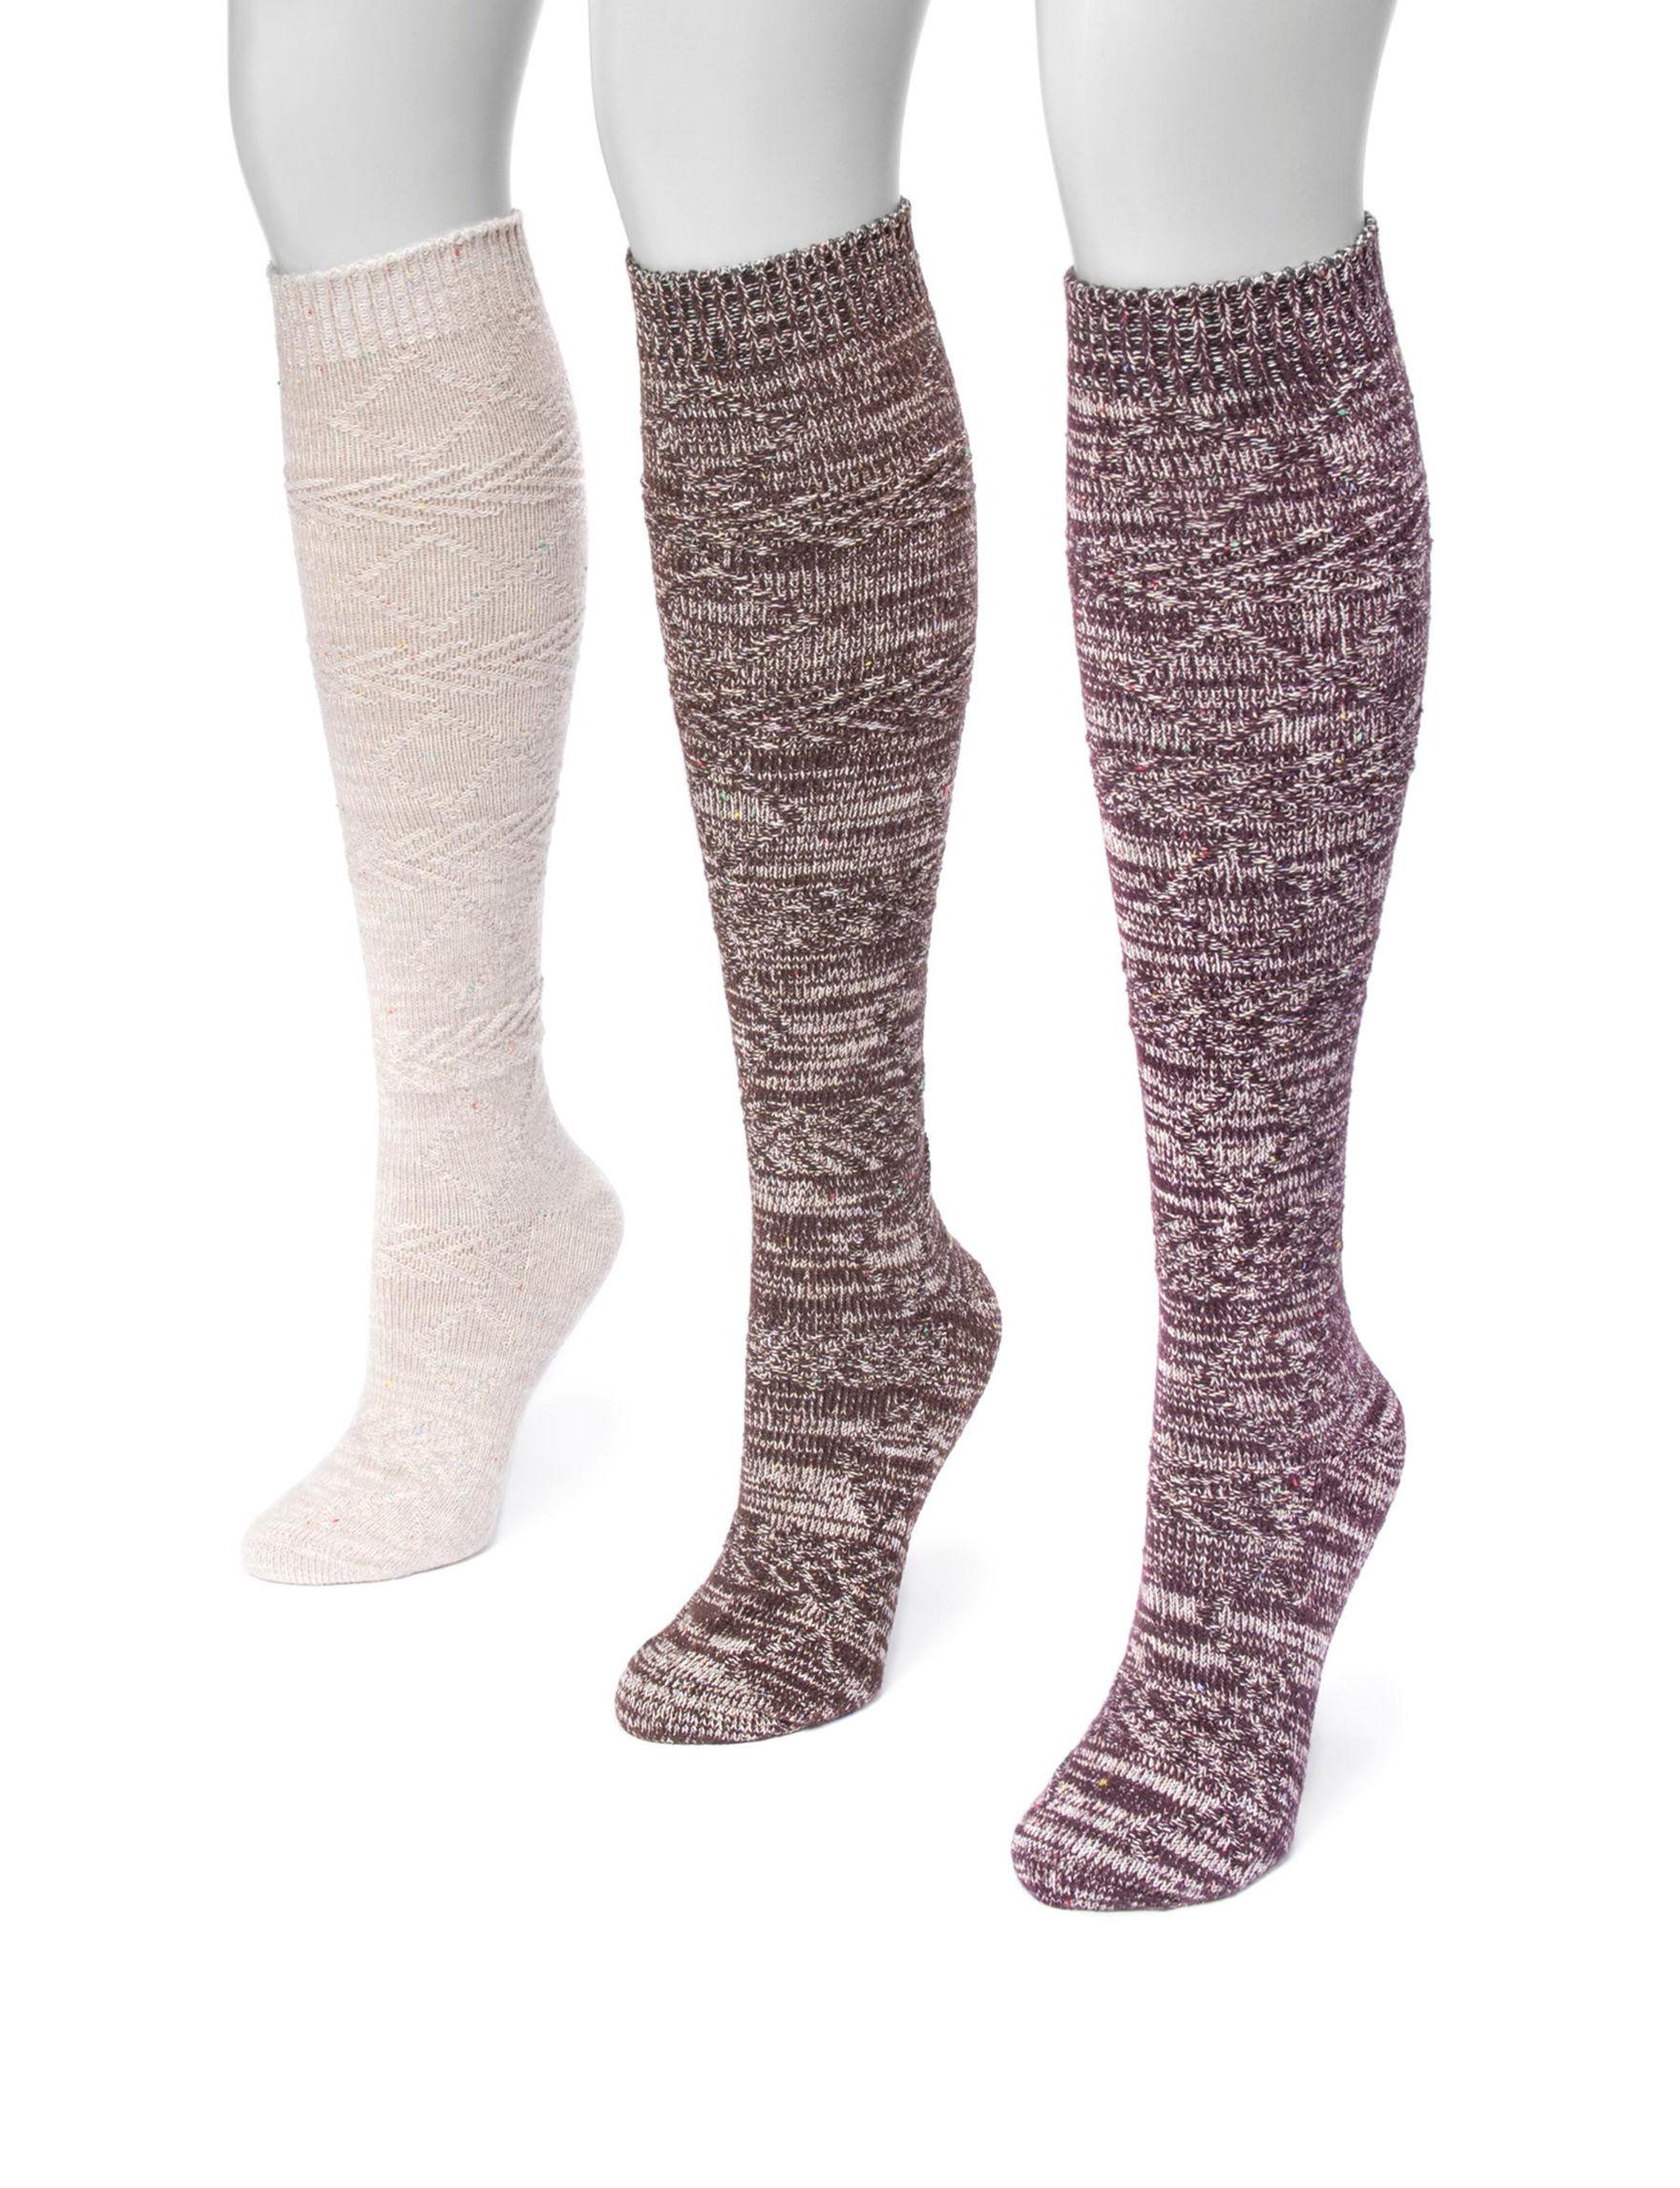 Muk Luks Brown Multi Socks